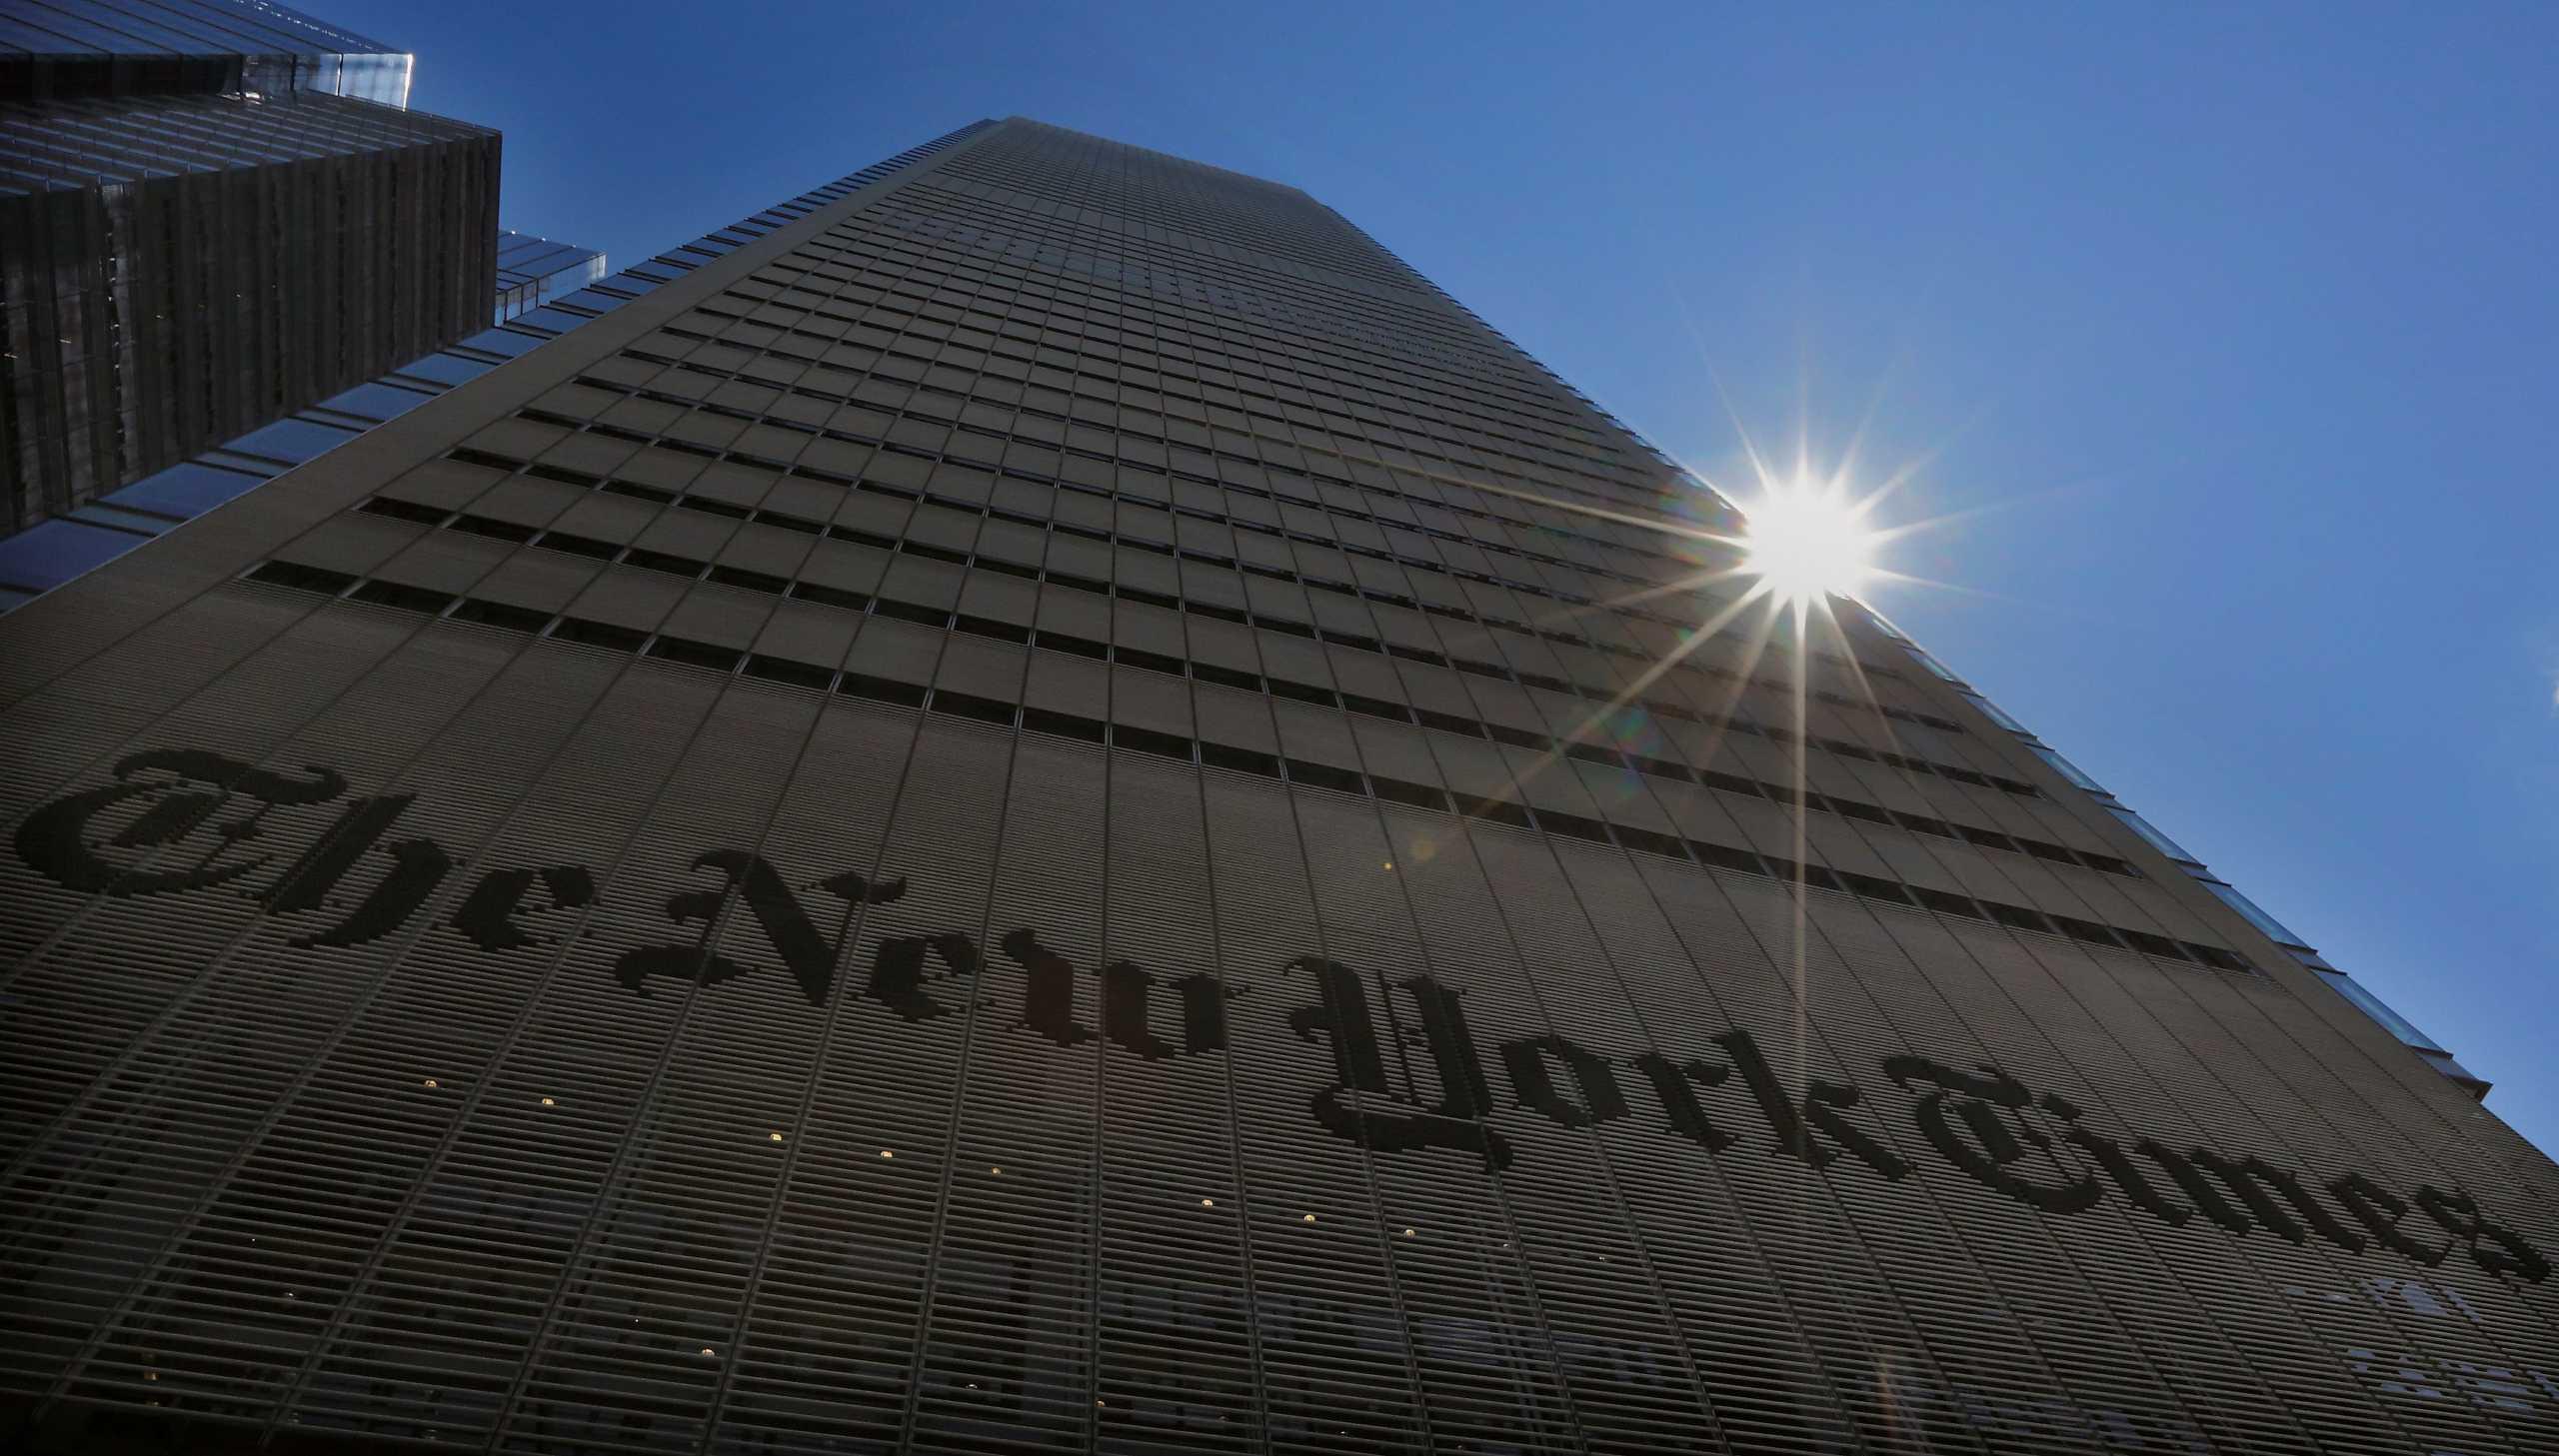 Παραιτήθηκε αρχισυντάκτης των New York Times για το άρθρο που ζητούσε στρατό στους δρόμους